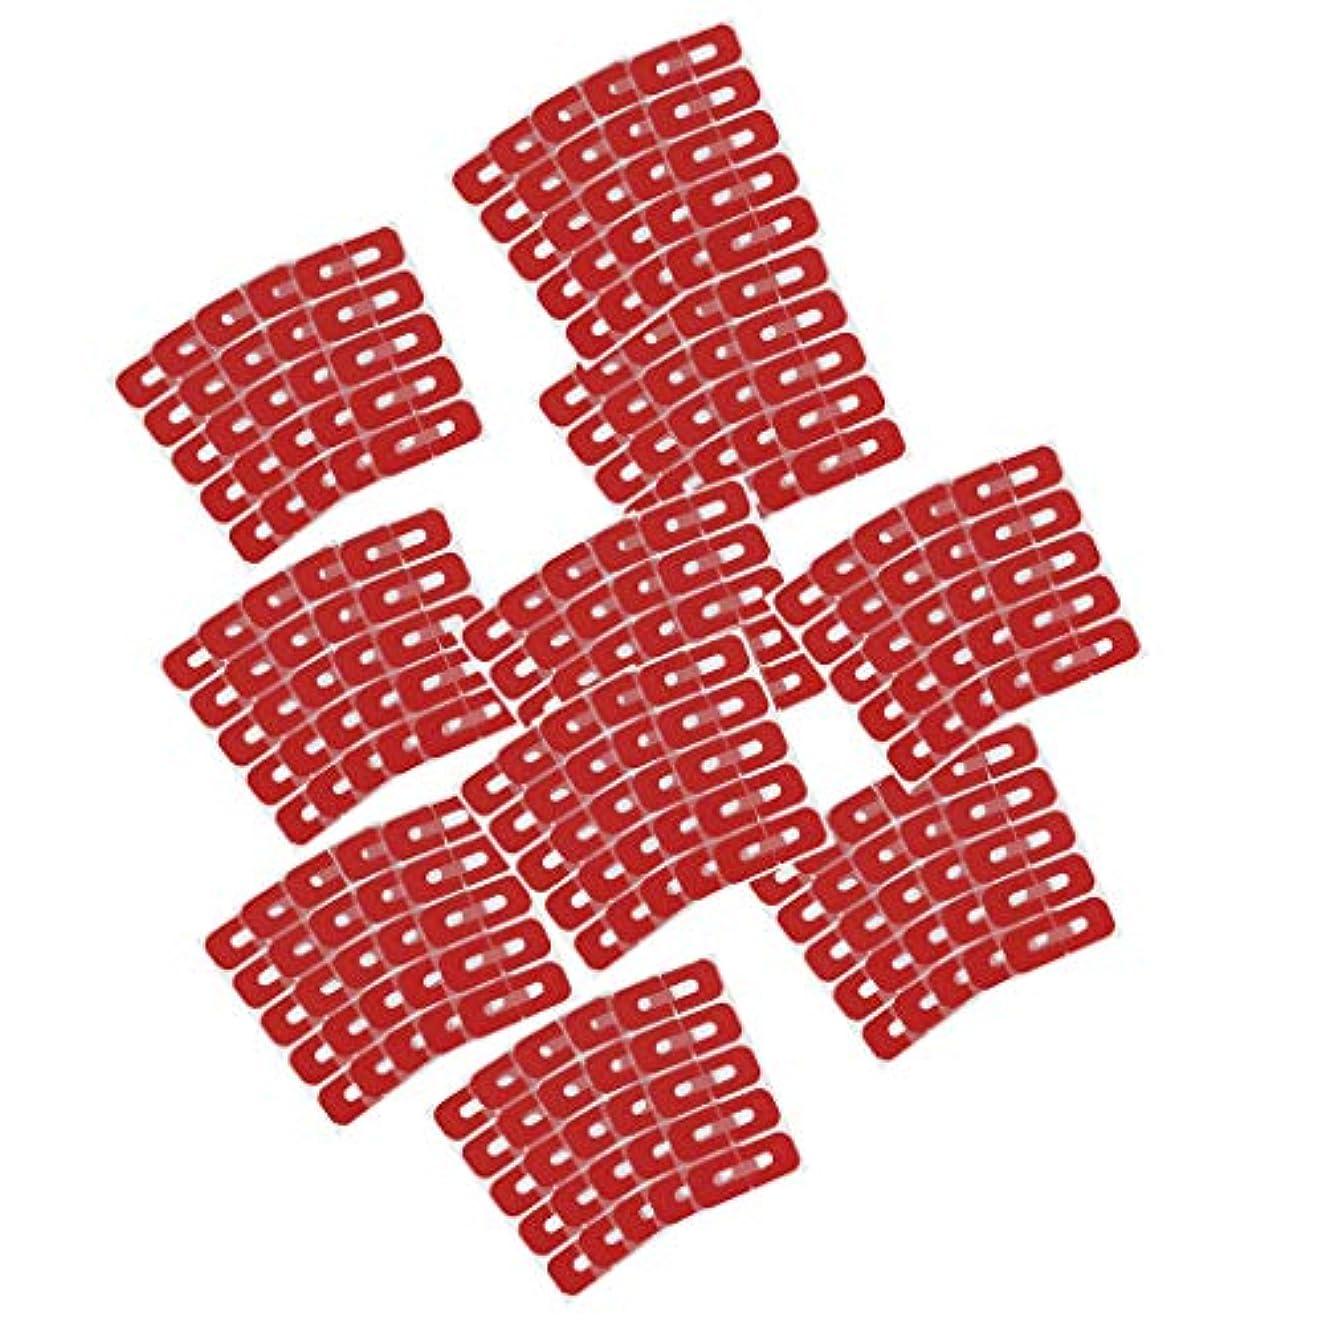 小康かすかなヘクタールInjoyo ネイルカバー はみ出し防止 剥離テープ ネイルプロテクター 流出防止 ネイルサロン 全50点